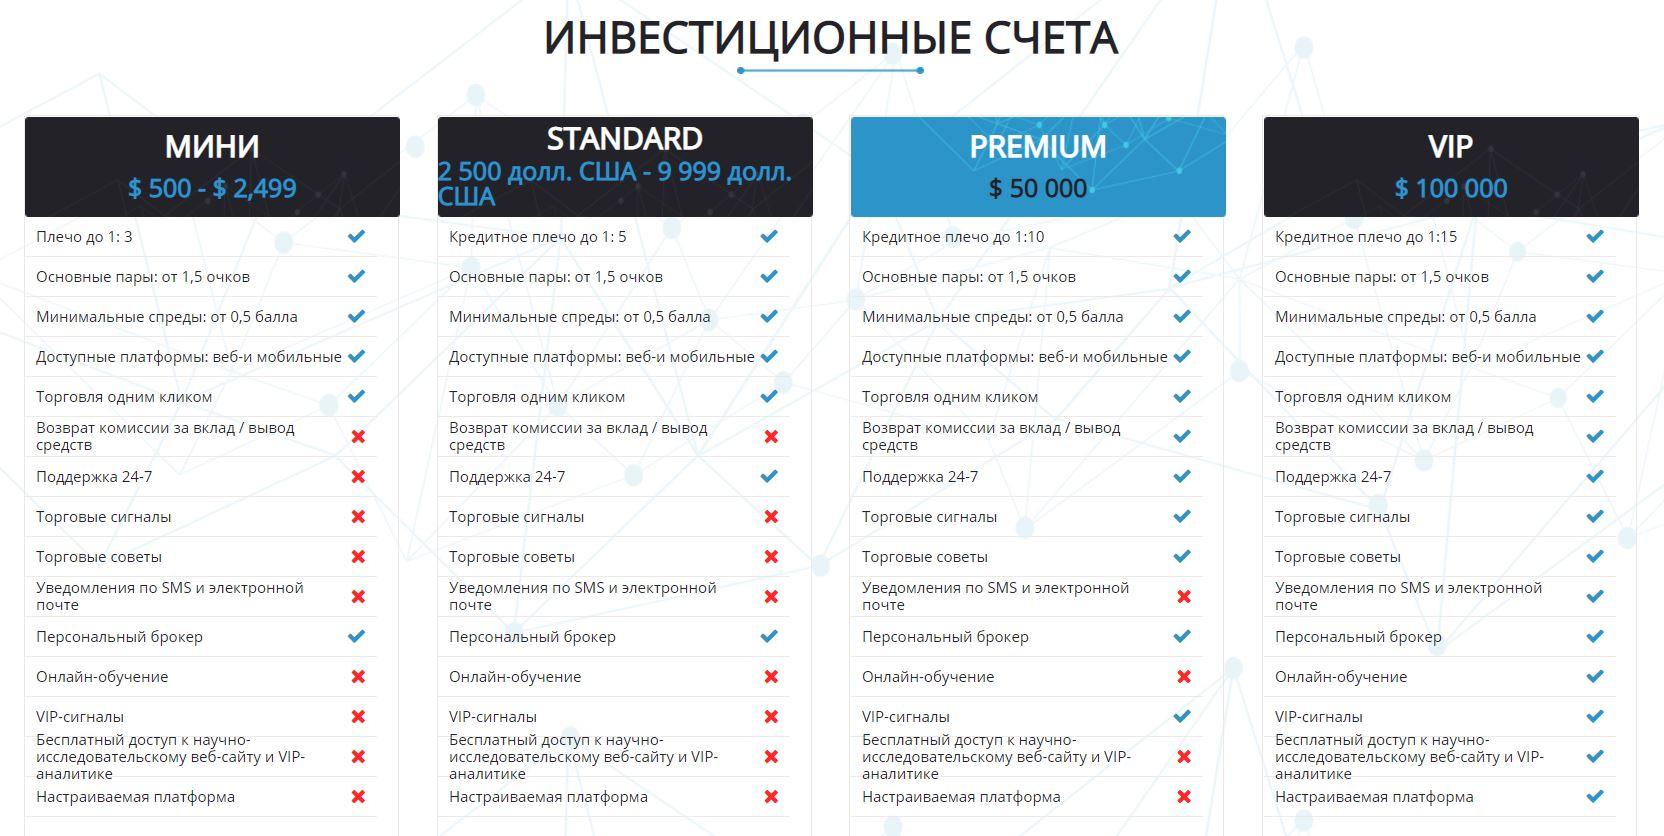 Минимальные инвестиции на площадке составляют 500 долларов, но оценить все достоинства сервиса можно только при депозите «Премиум» от 50000 USD.